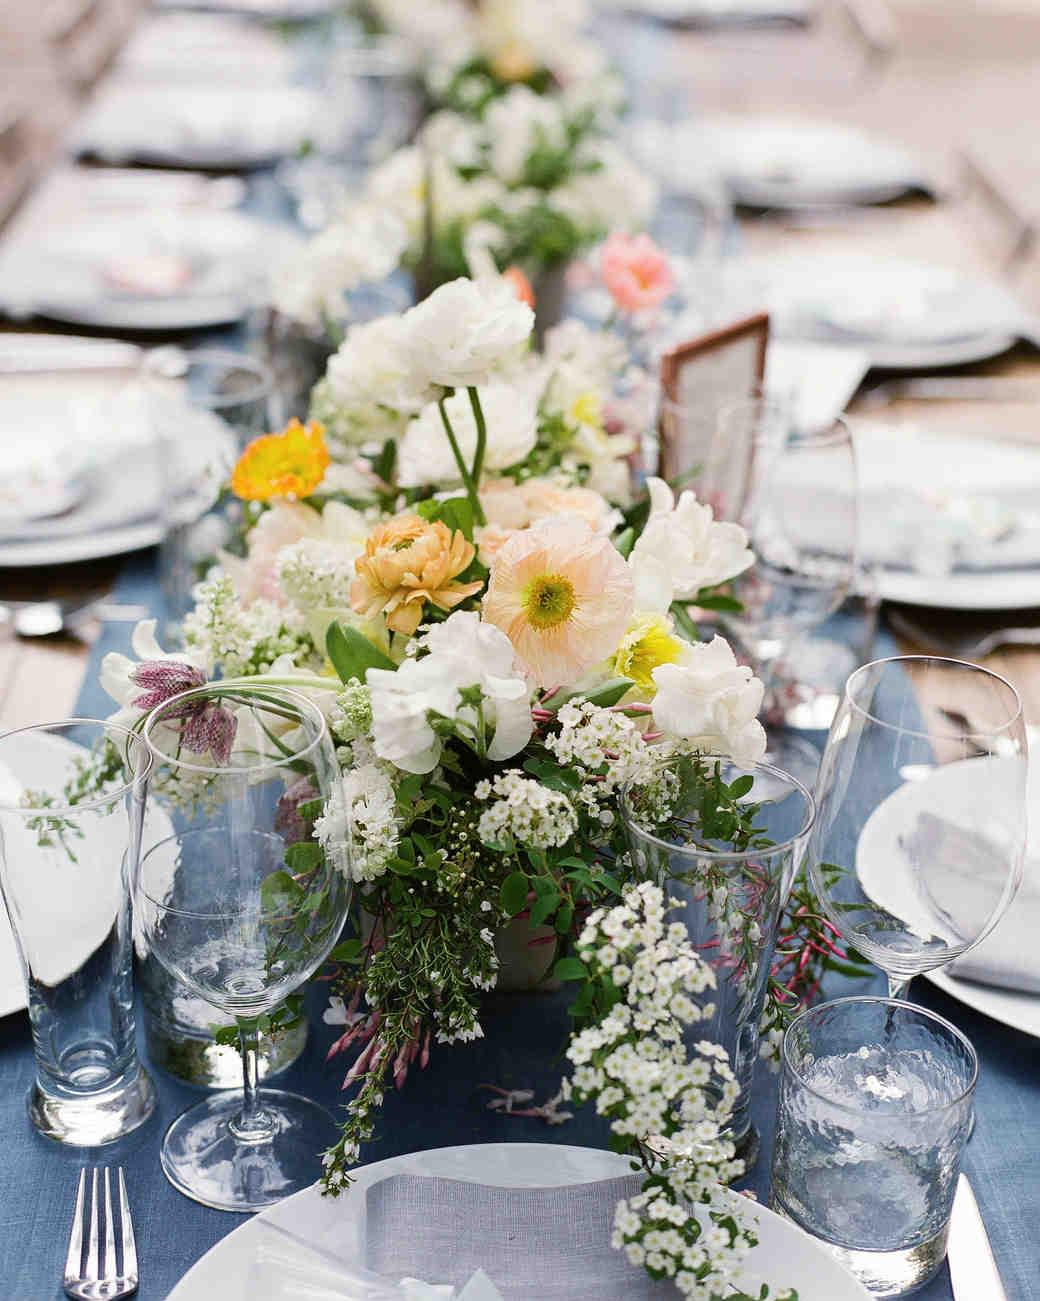 40 of our favorite floral wedding centerpieces martha stewart weddings rh marthastewartweddings com wedding centerpieces fake flowers wedding centerpieces flowers submerged in water